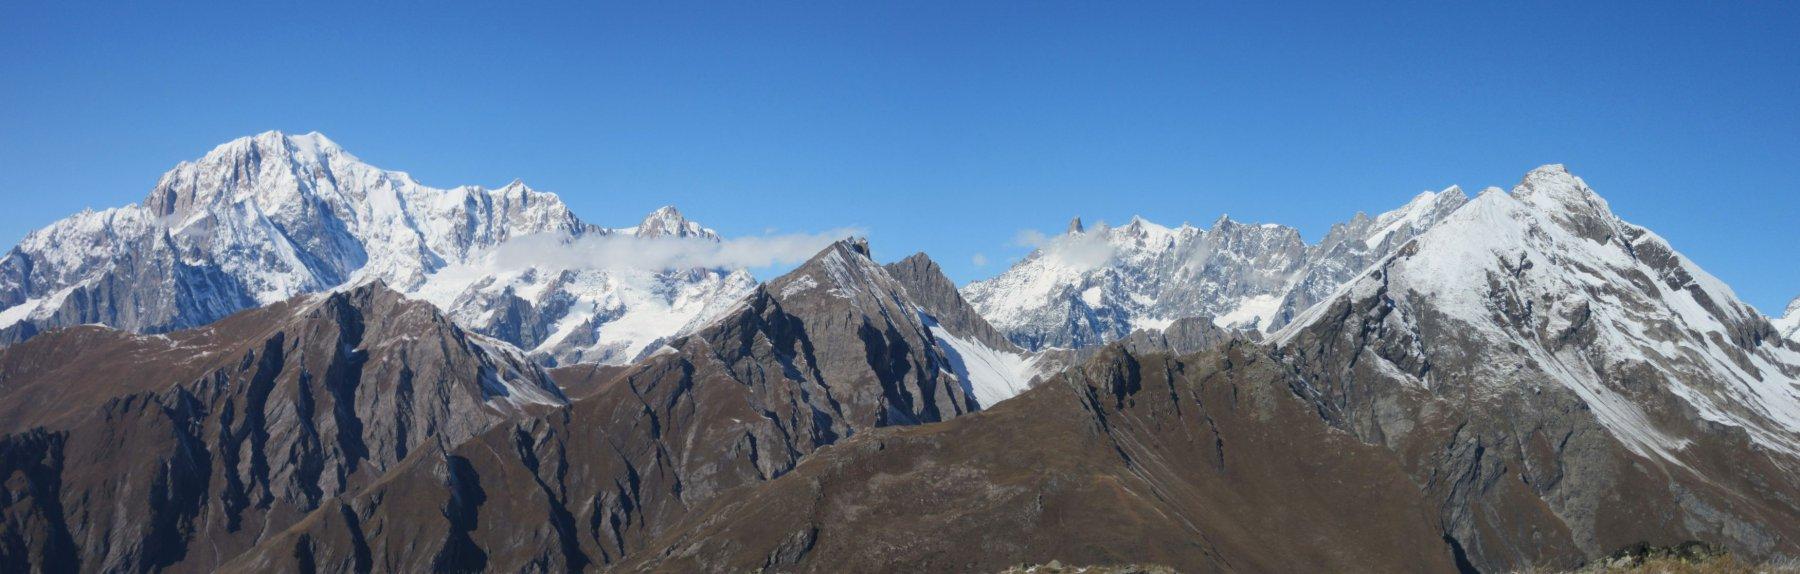 Monte Bianco, Dente del Gigante, Gran Jorasses e Gran Rochere